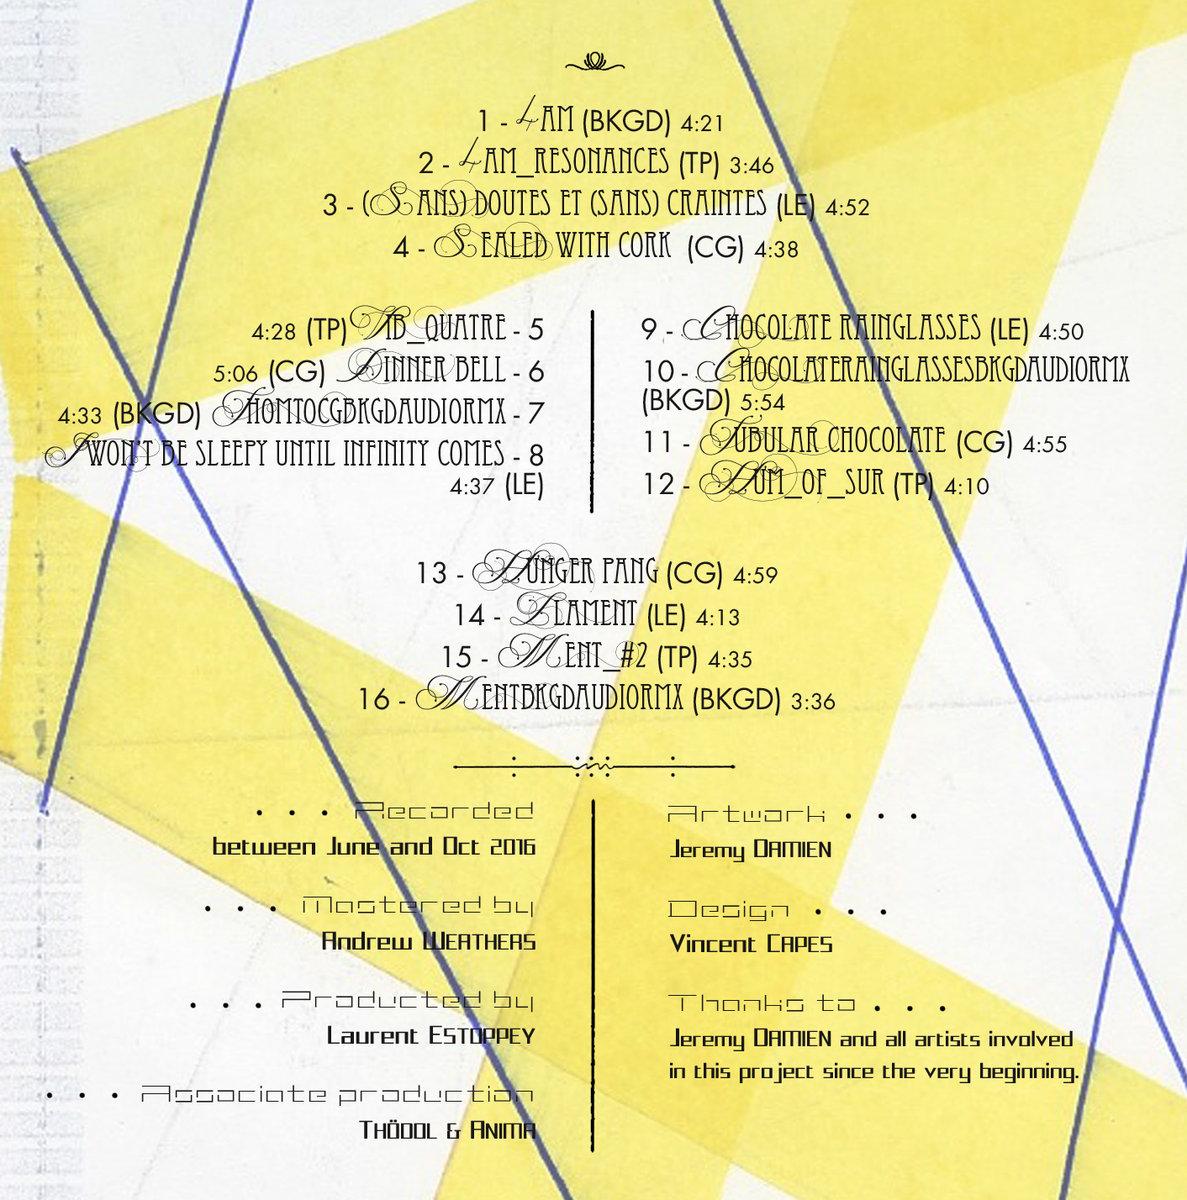 quadri 4 coverb.jpg